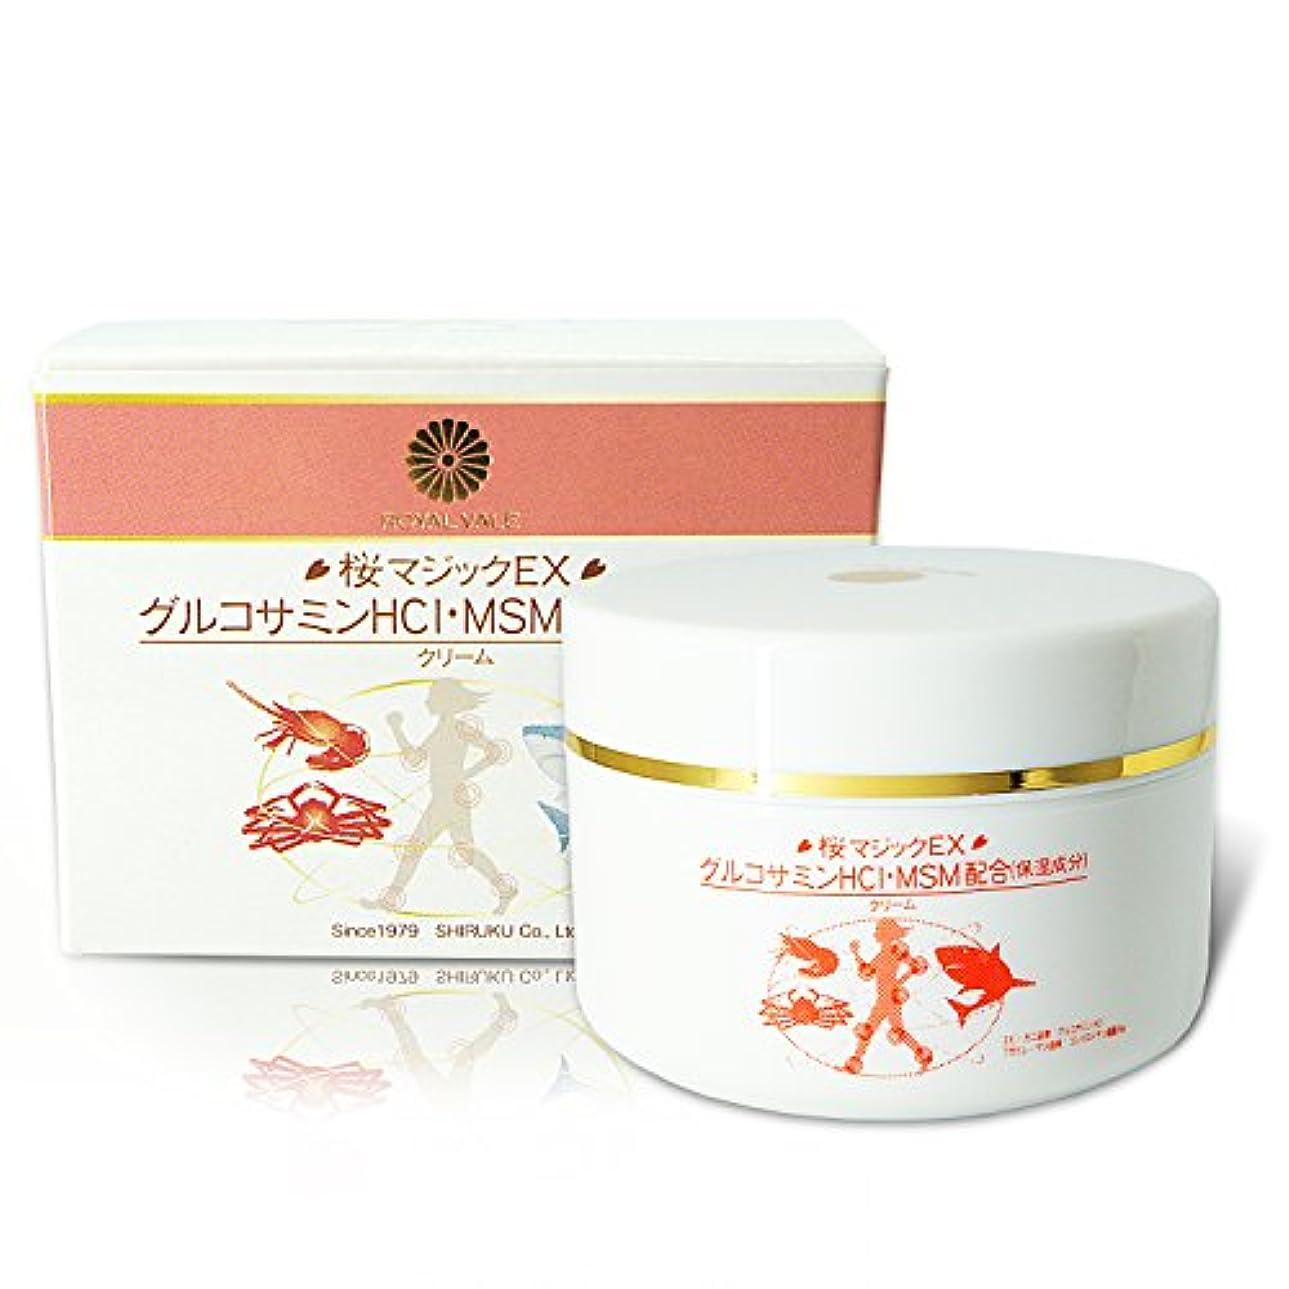 パッド舌な食器棚桜マジックEXクリ-ム